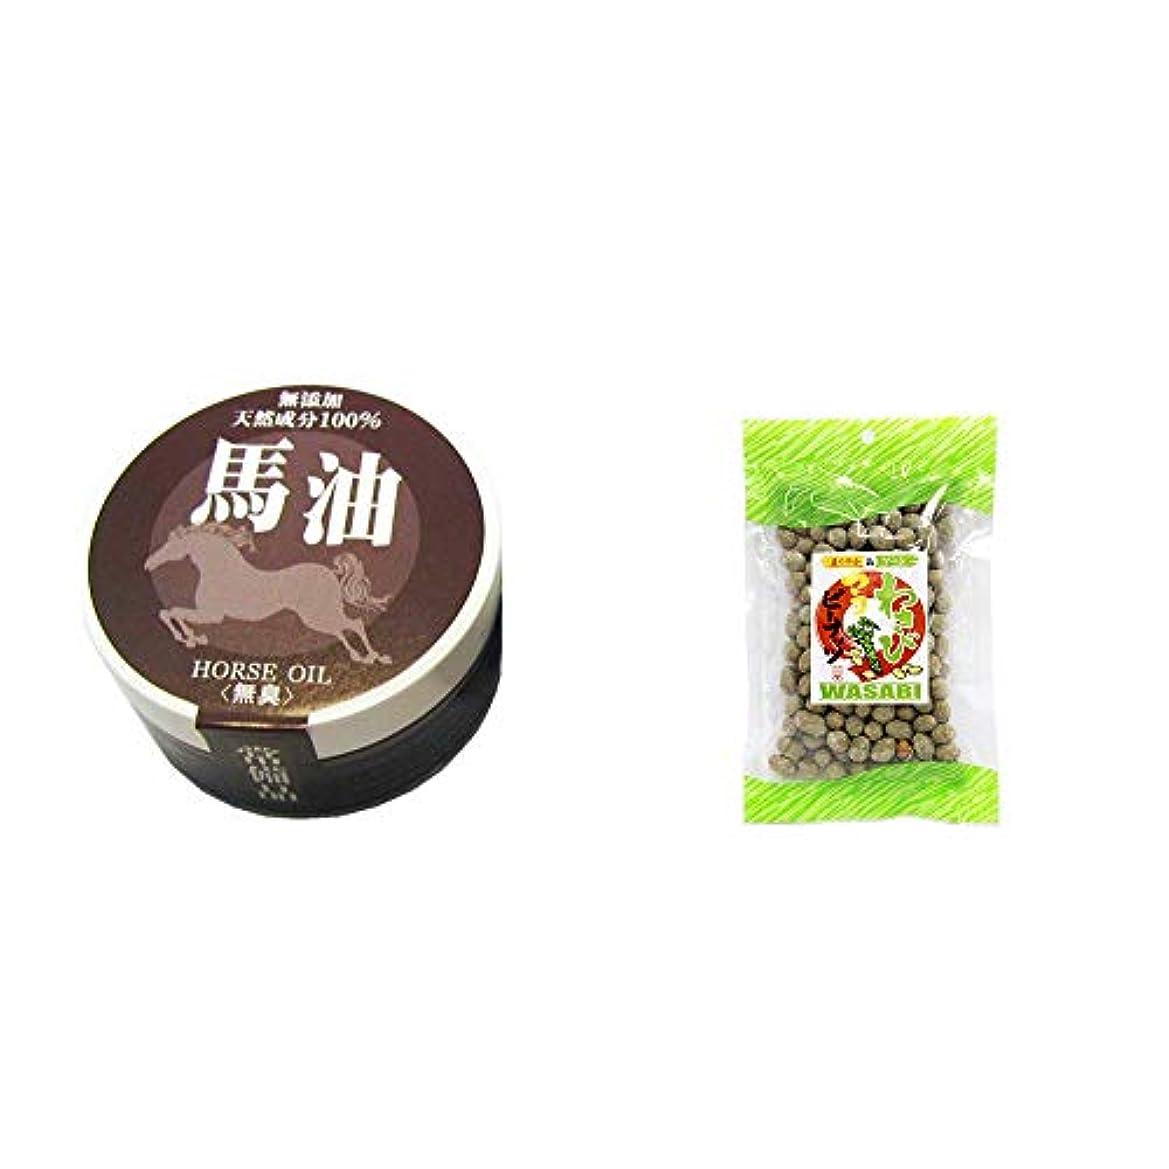 [2点セット] 無添加天然成分100% 馬油[無香料](38g)?わさびマヨピーナッツ(150g)